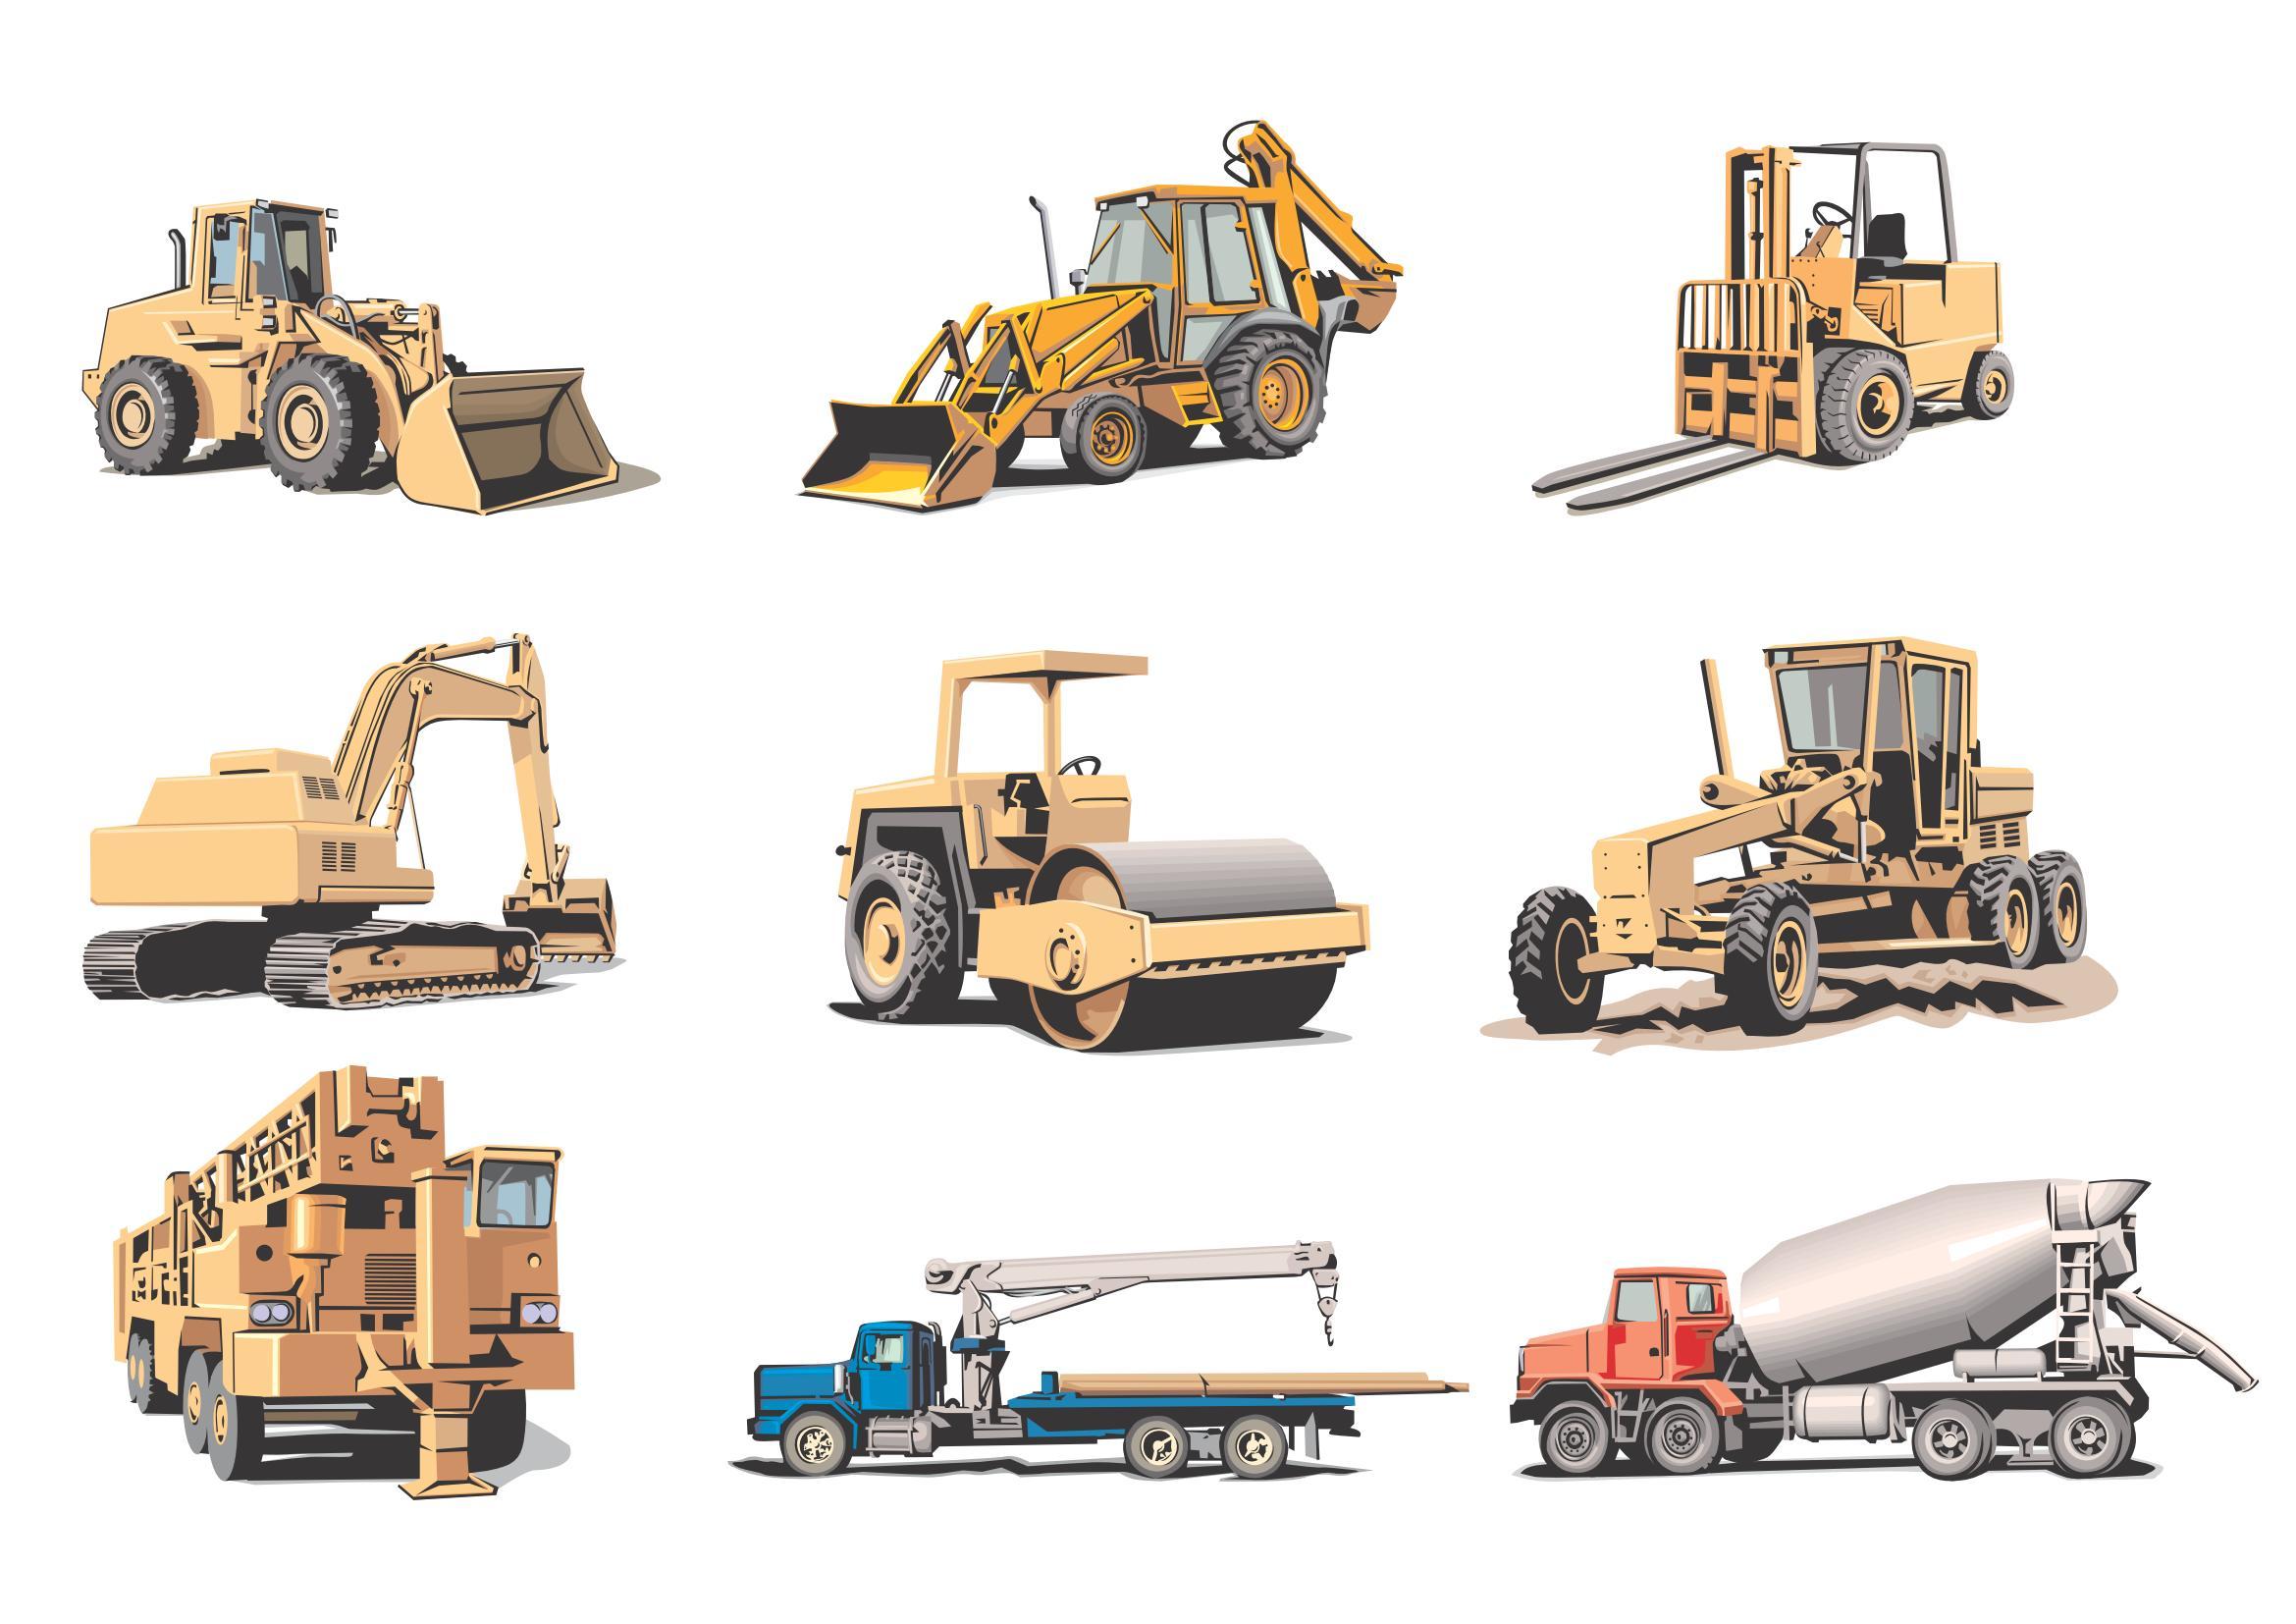 Narmada motors – Spare Parts for Road Construction Equipments